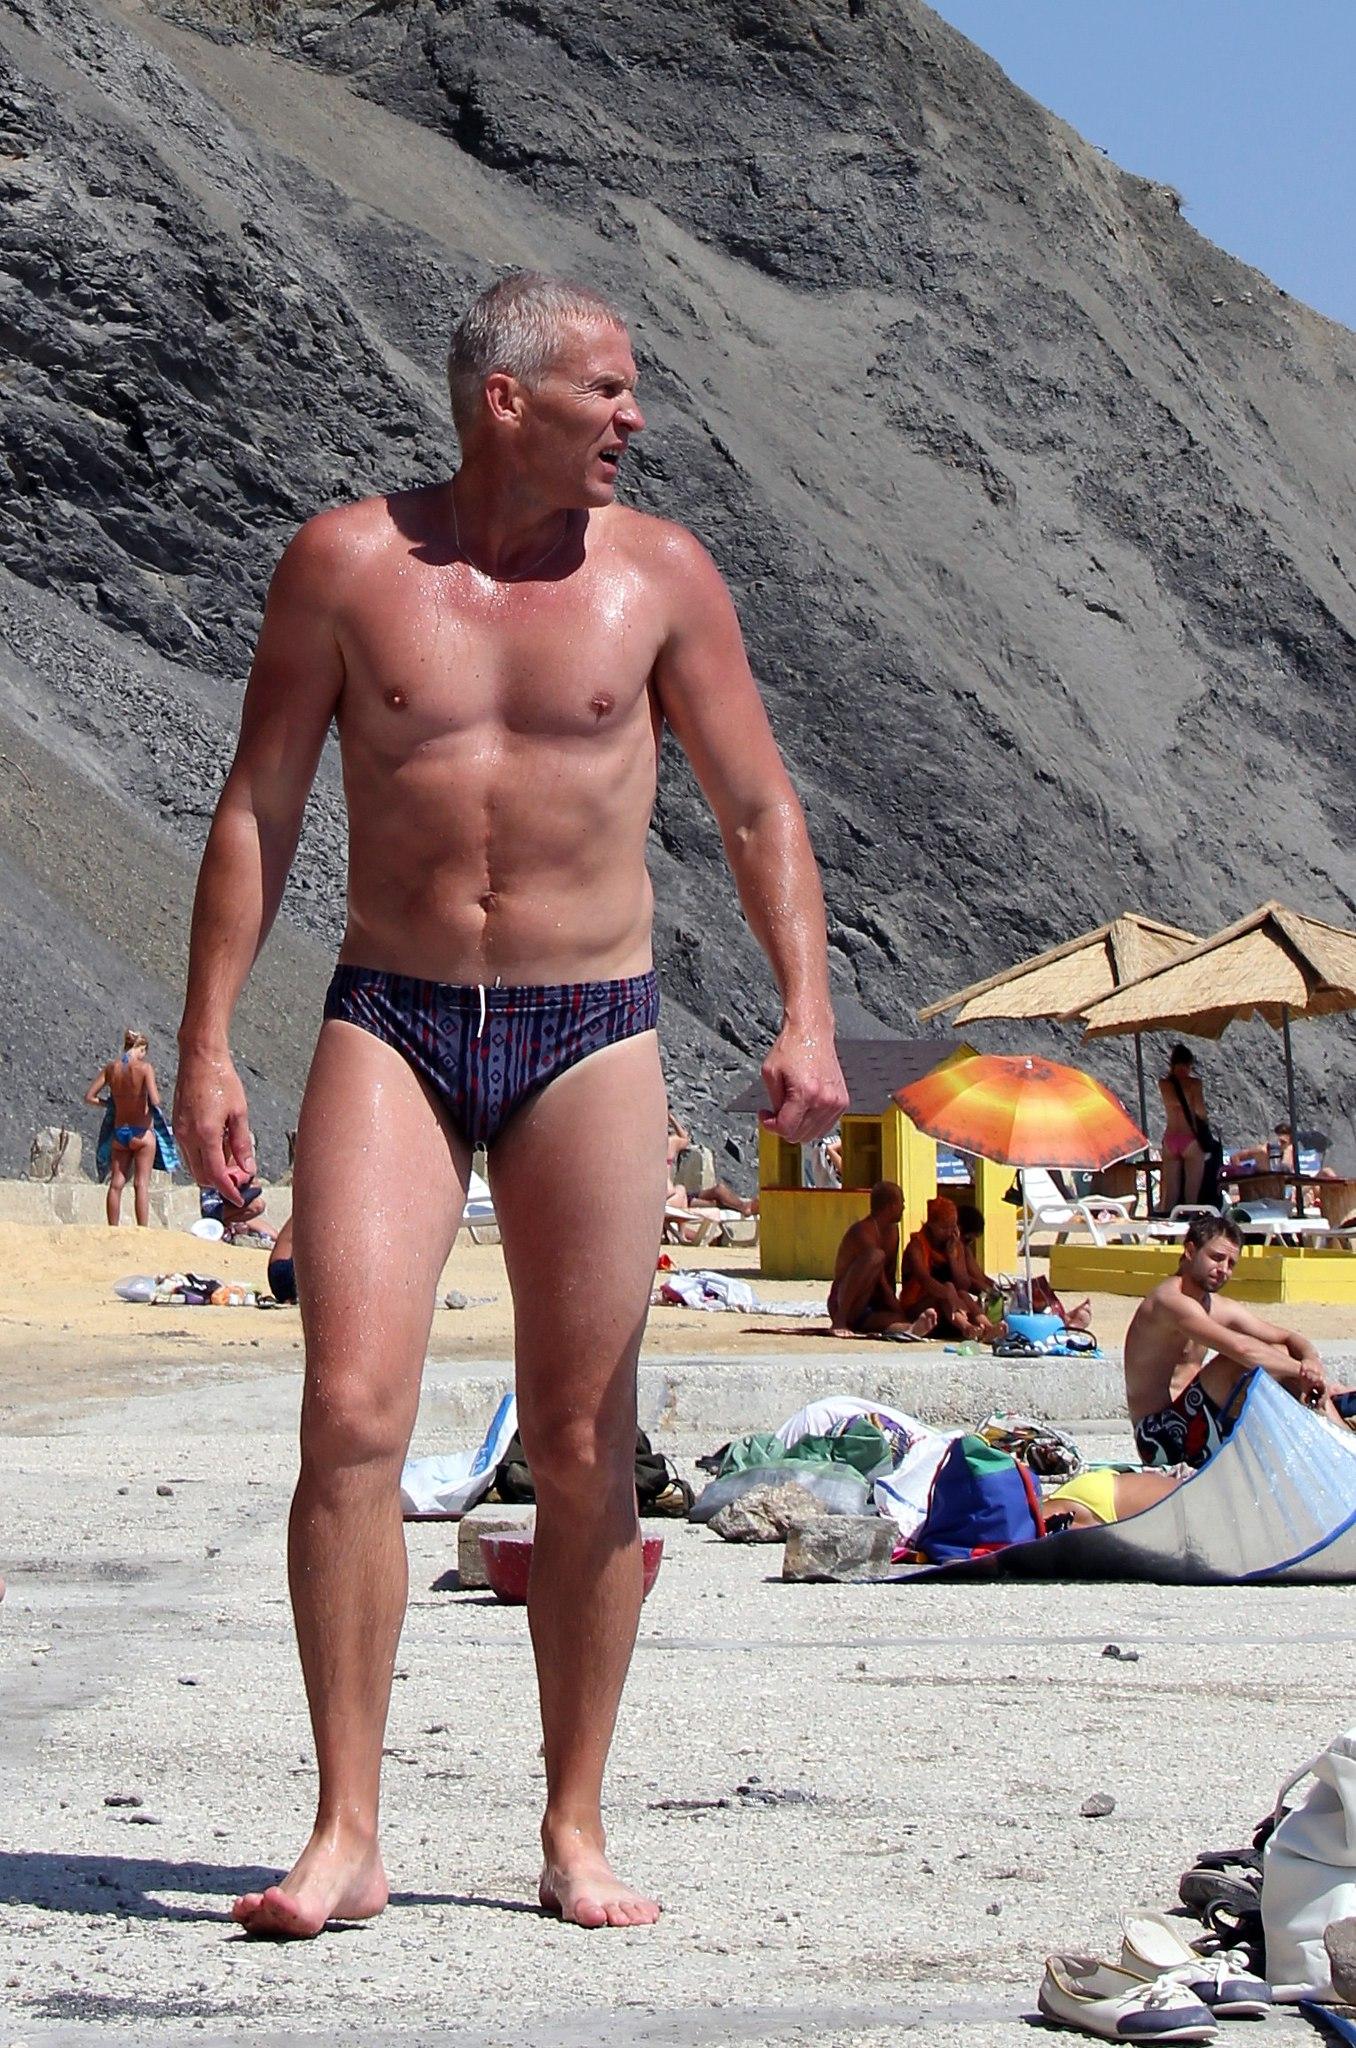 Фото мужчин 40 лет (18 фото) - ДМИТРИЙ, 54 года, Ижевск